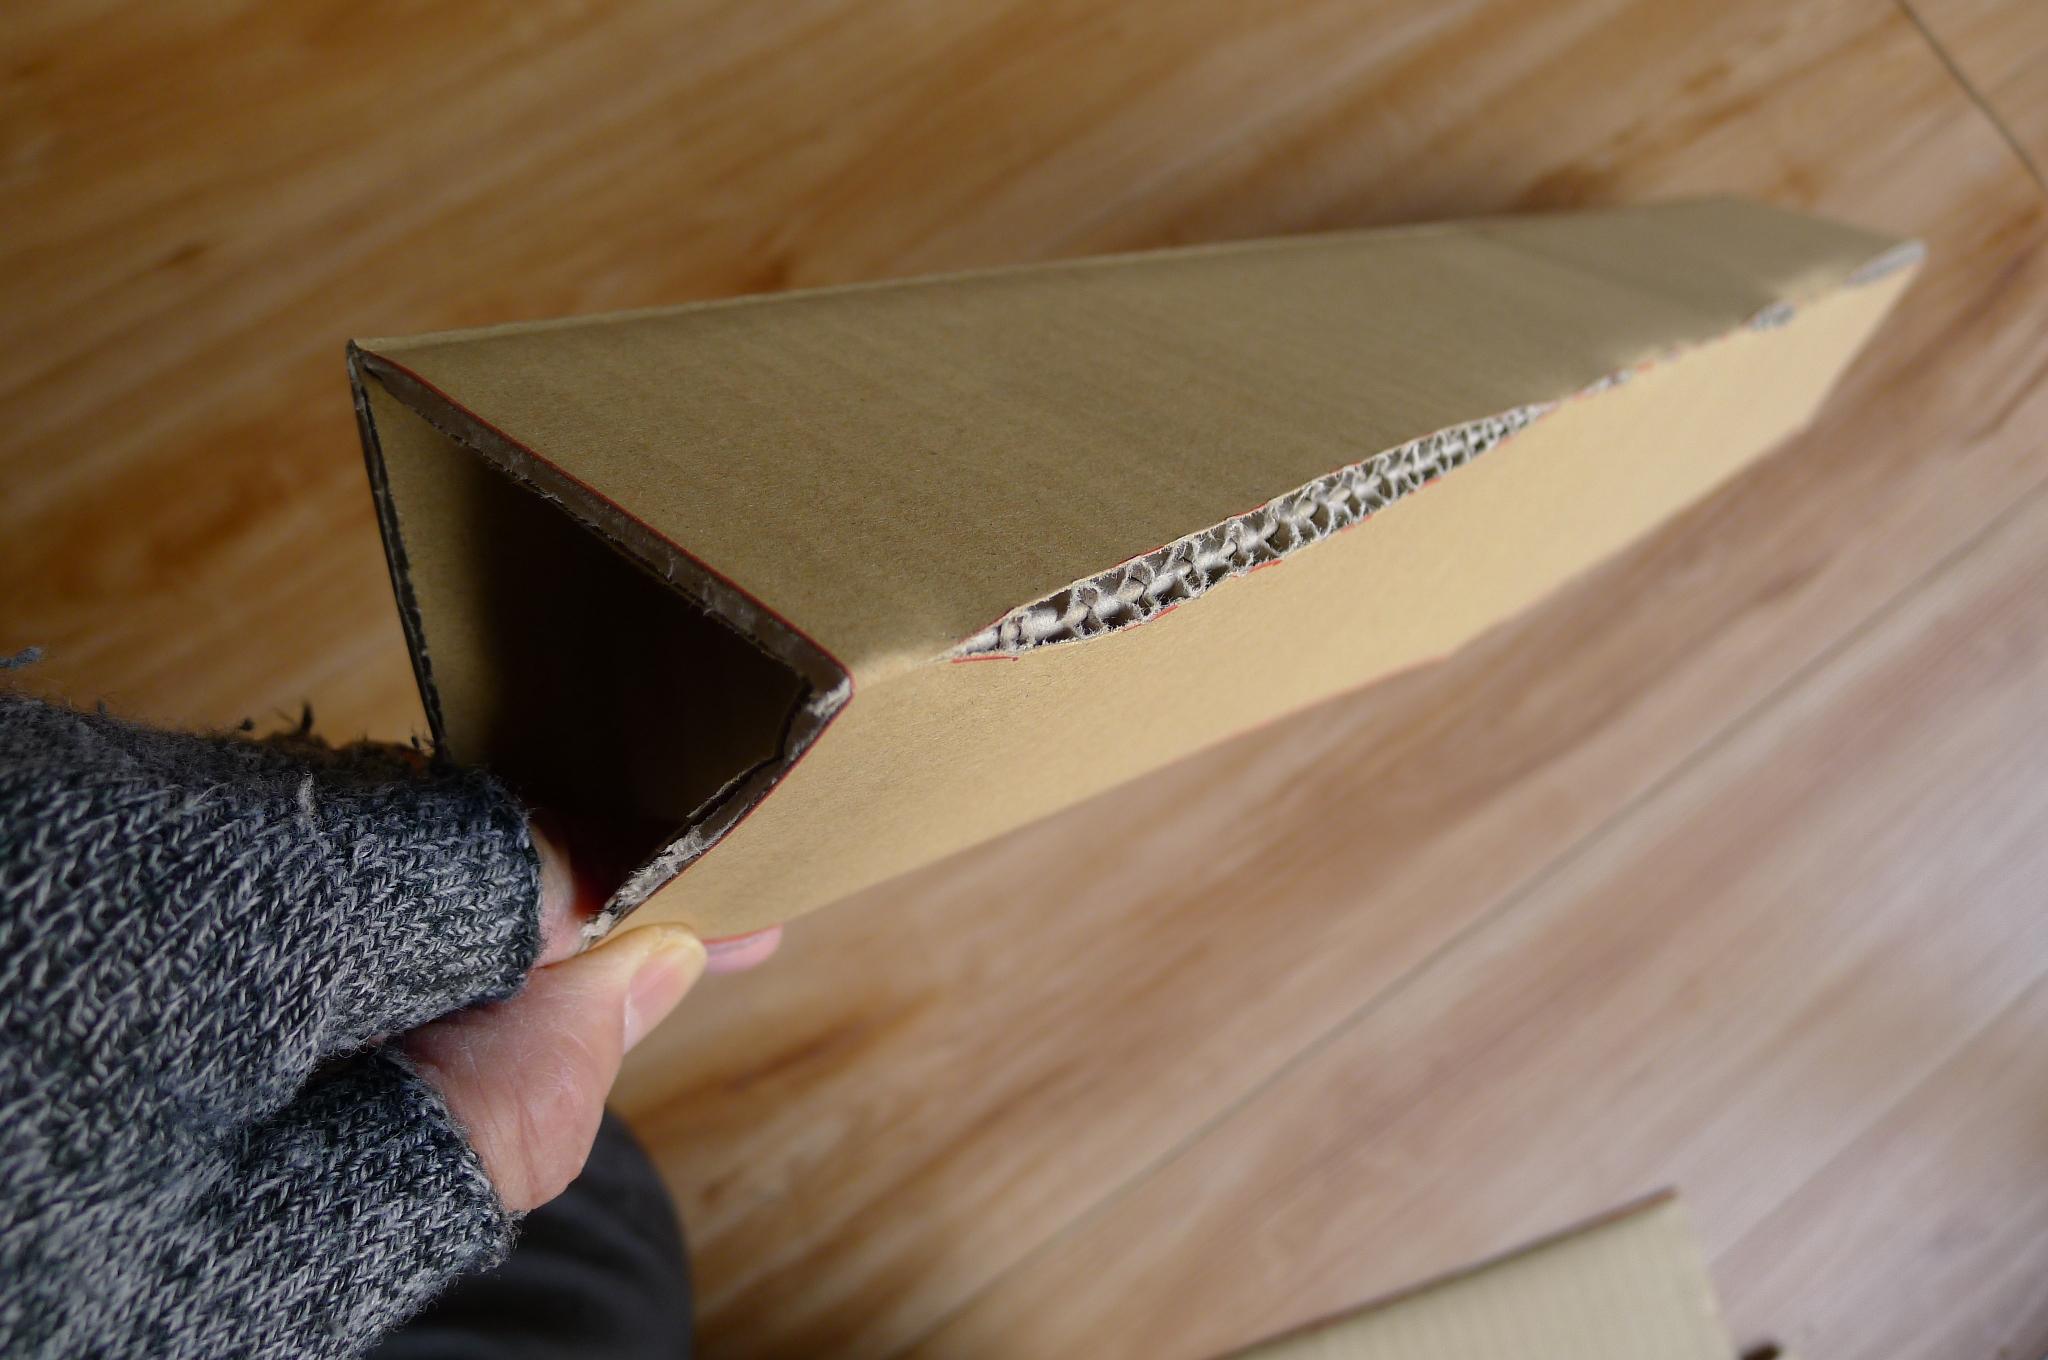 郵便 物 保管 期間 過ぎ たら